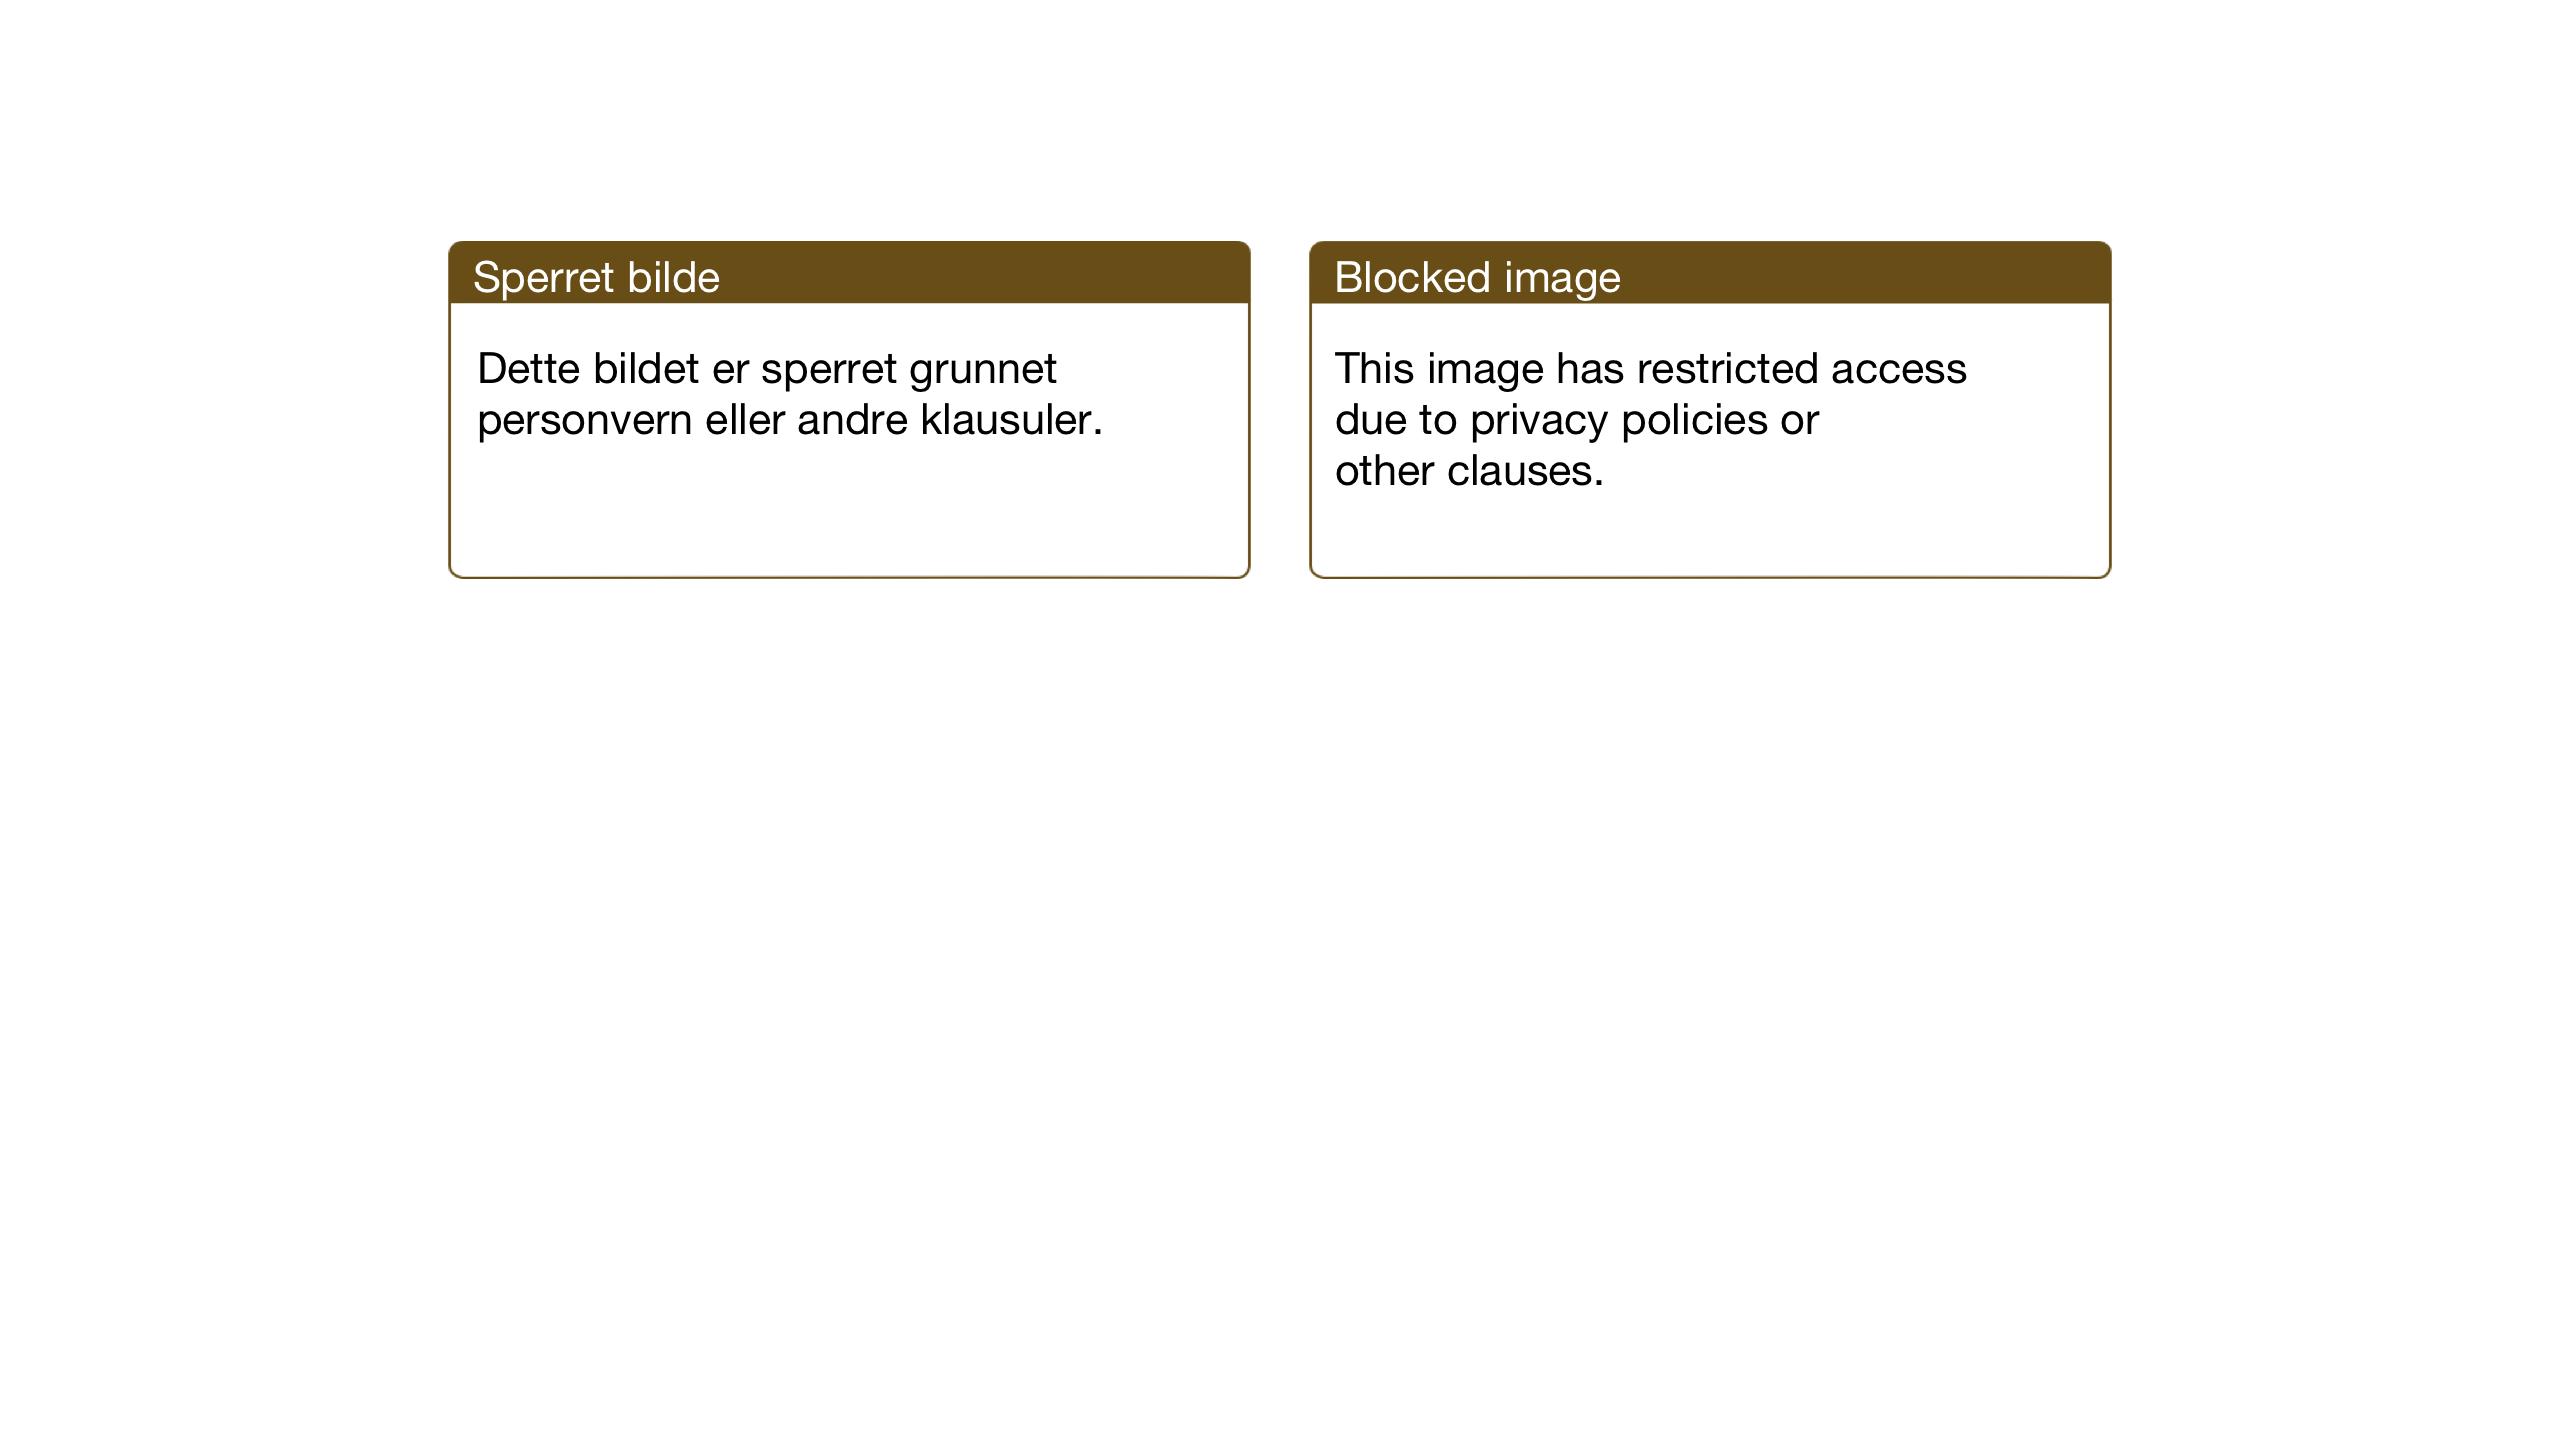 SAT, Ministerialprotokoller, klokkerbøker og fødselsregistre - Sør-Trøndelag, 640/L0590: Klokkerbok nr. 640C07, 1935-1948, s. 220